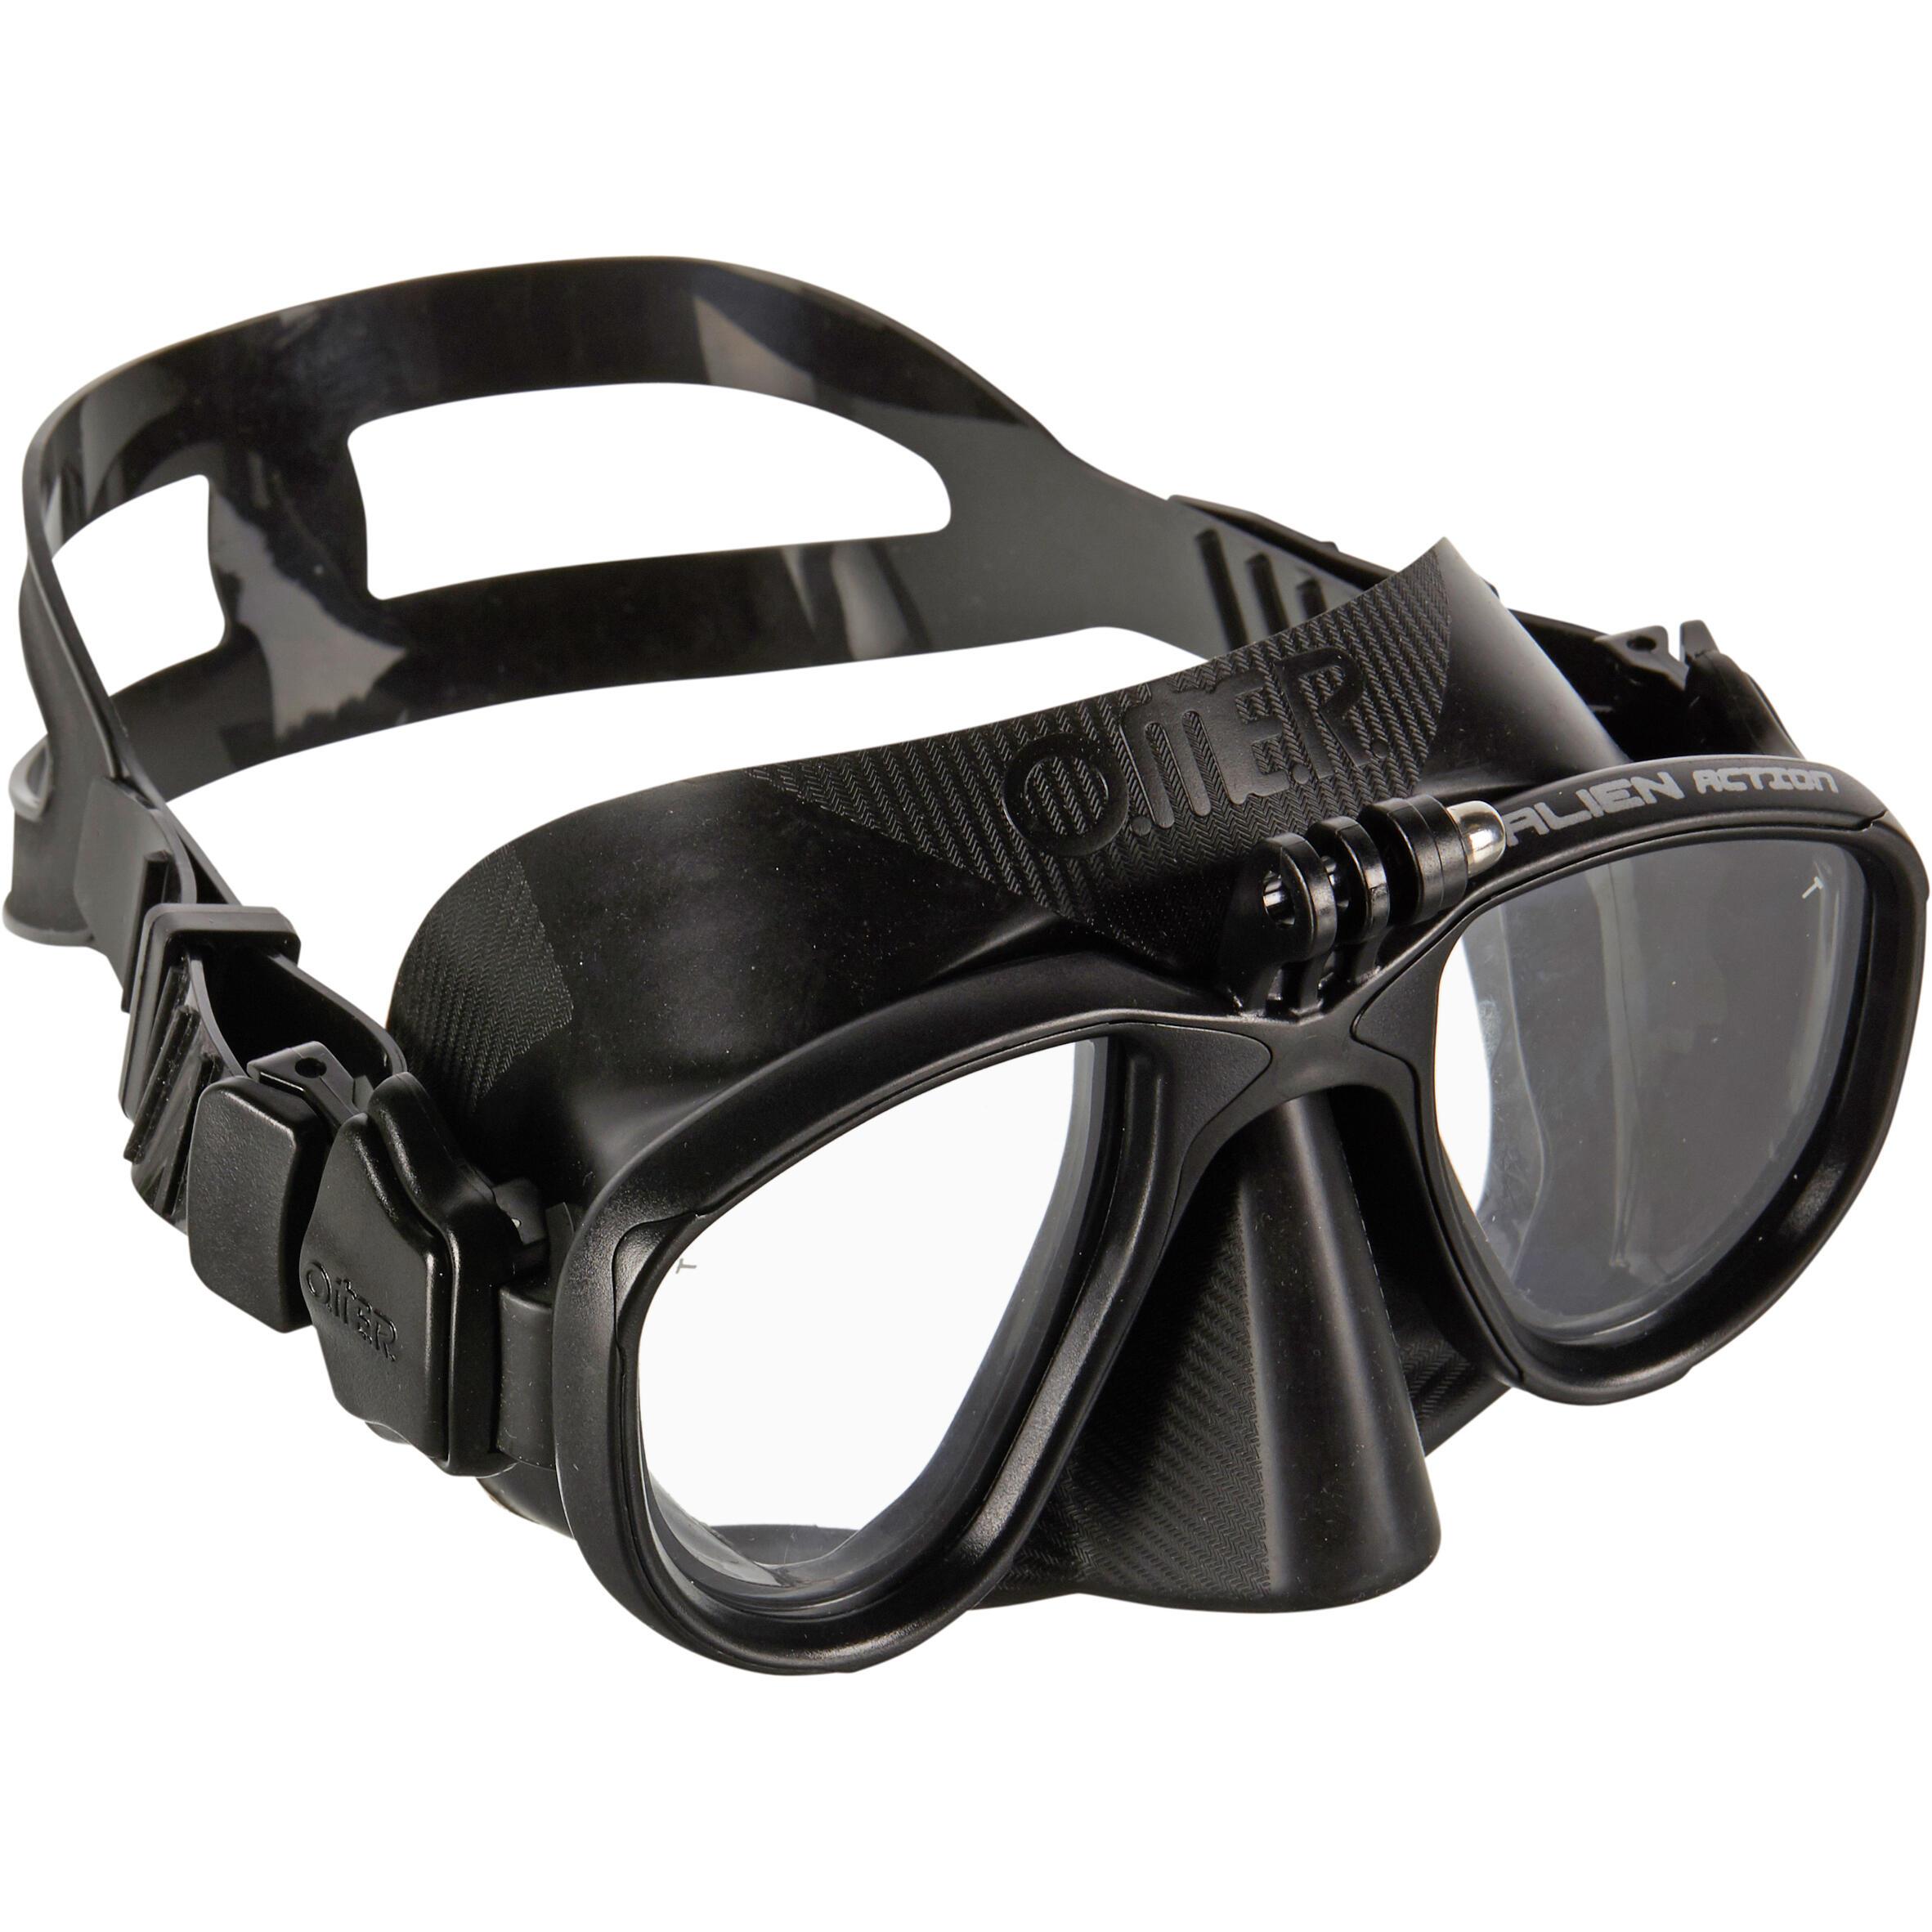 omer maschera pesca subacquea alien action cam